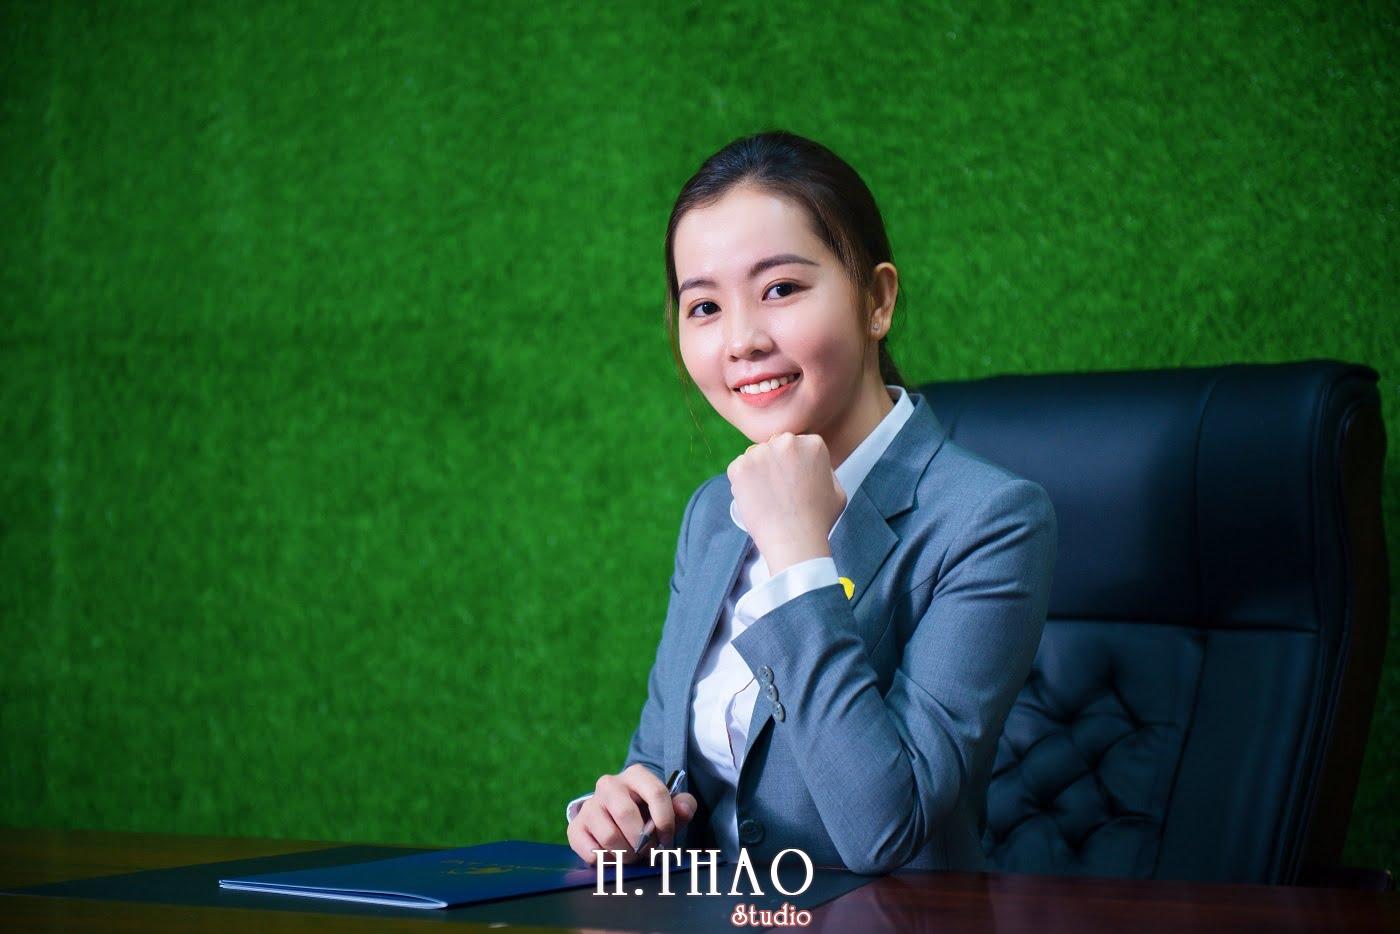 Anh nhan vien 4 min - Album ảnh profile nhân sự công ty Phu Hung Land – HThao Studio